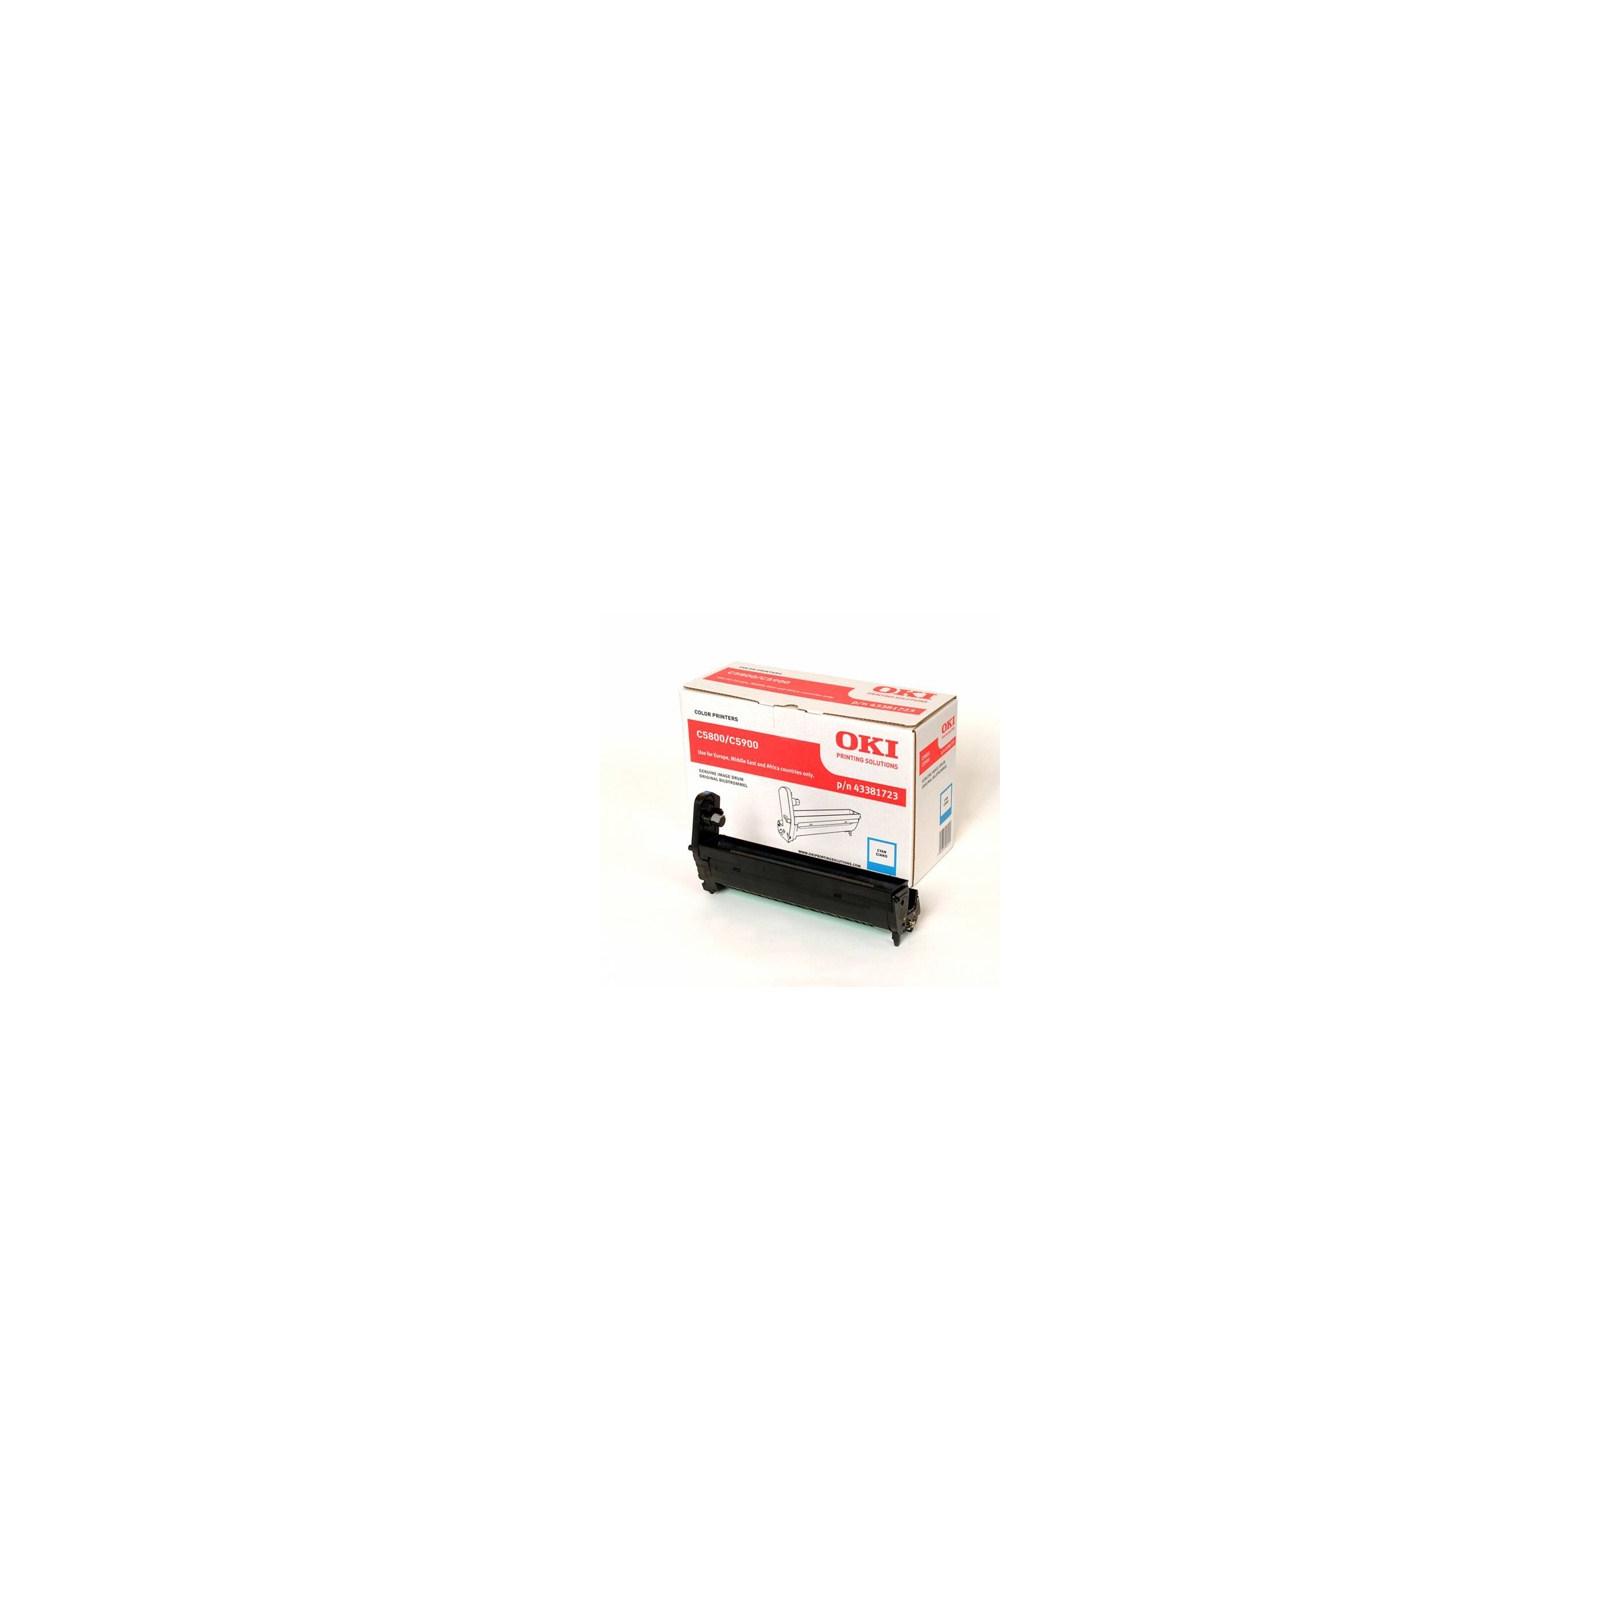 Фотокондуктор OKI C5800/5900/C5550 cyan (43381723)